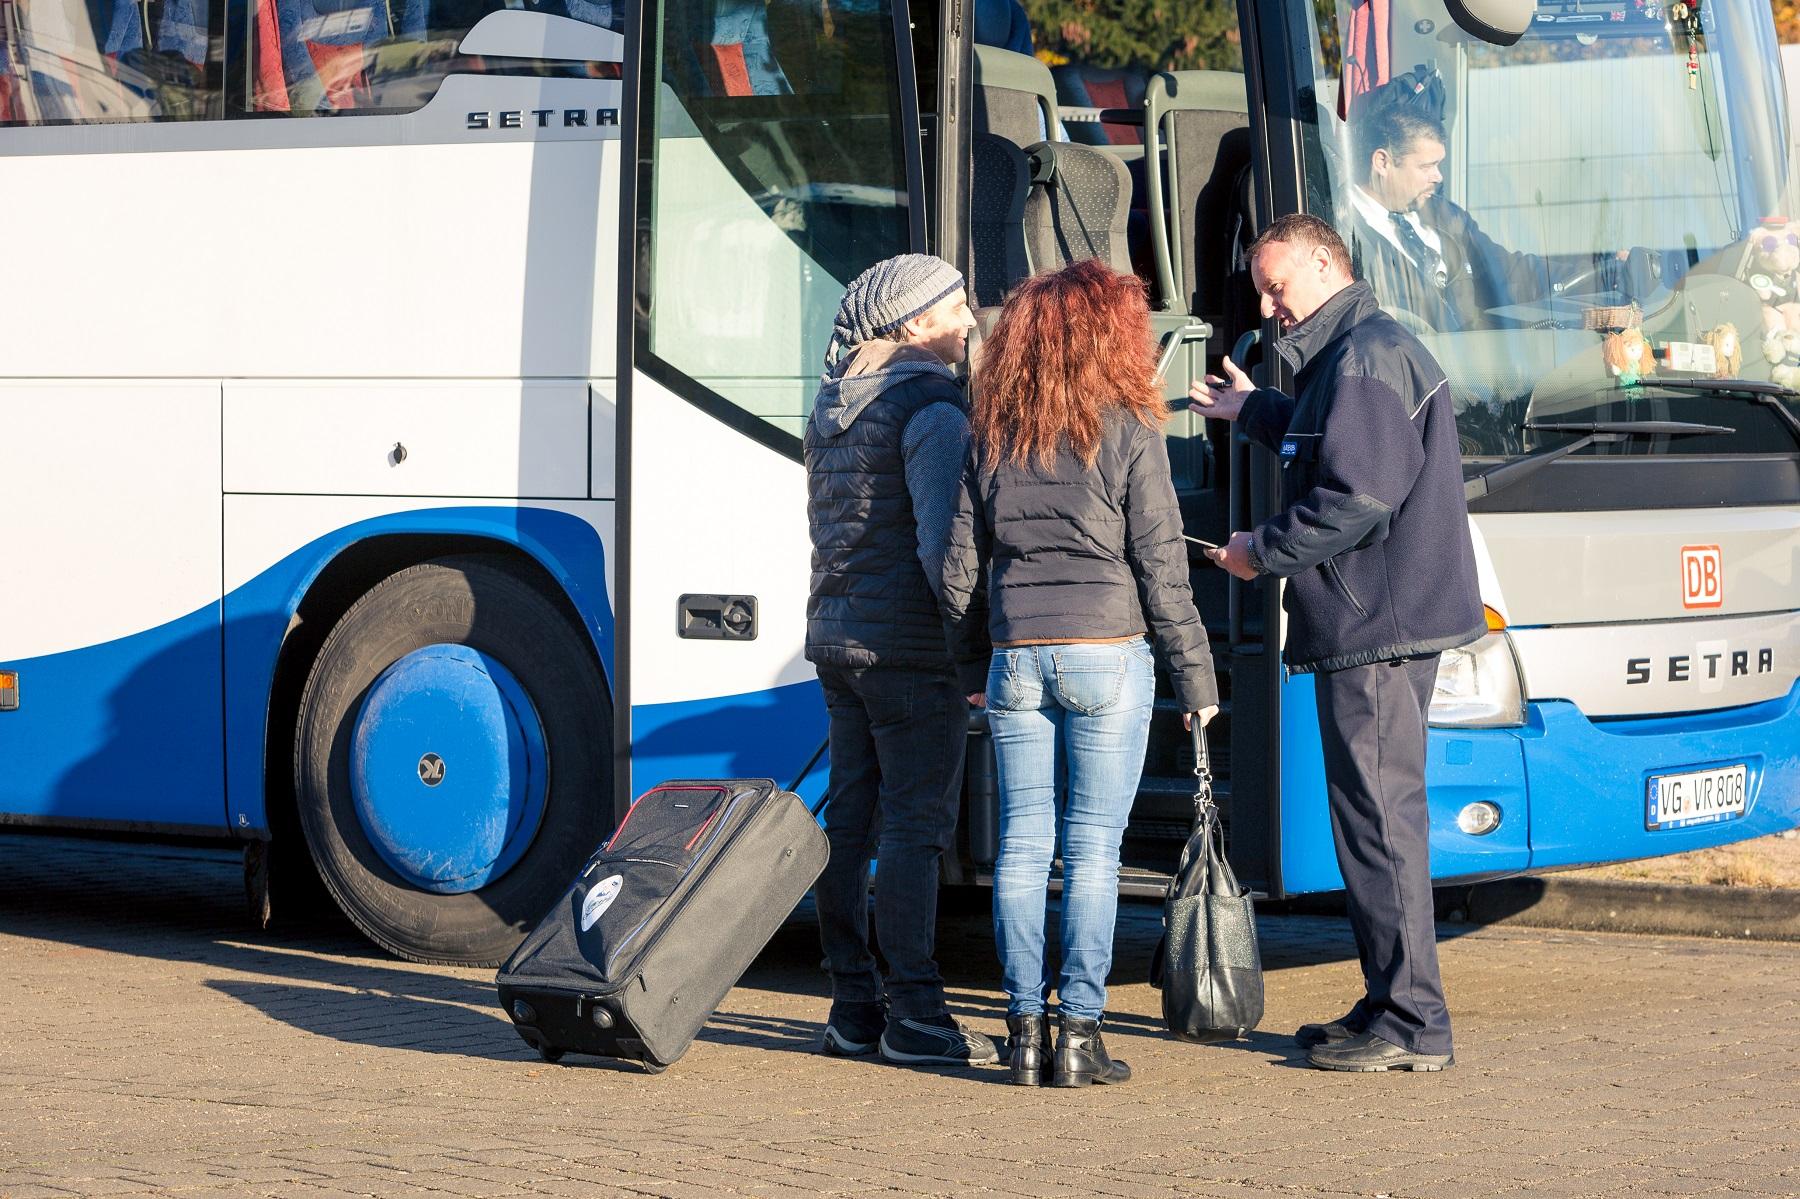 UBB Mitarbeiter hilft Fahrgästen beim Verstauen des Gepäcks.